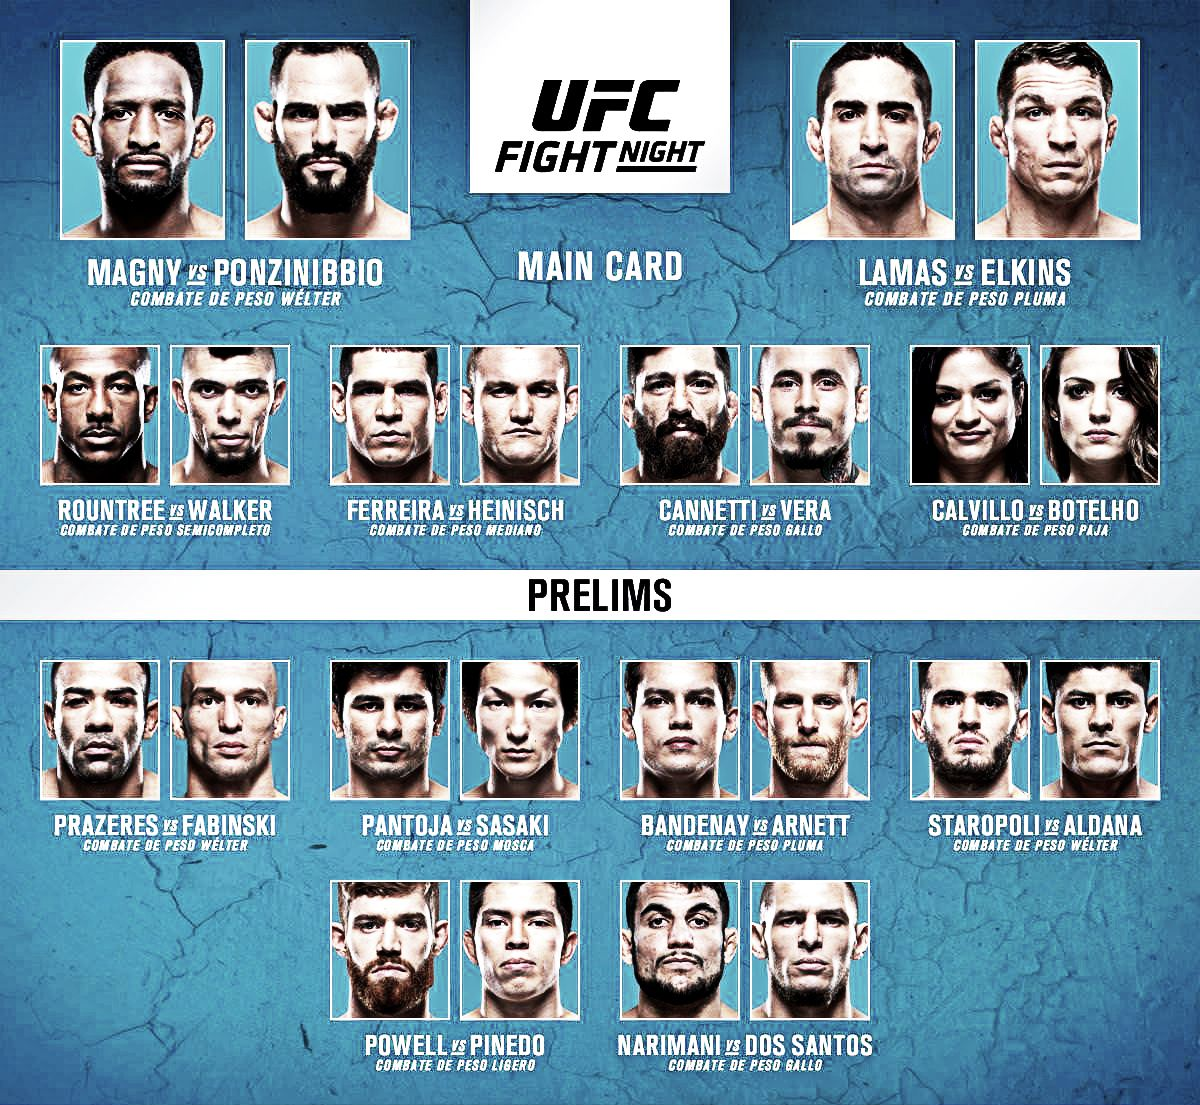 Suspensiones médicas de UFC Argentina: Magny y Rountree, ambos 60 días